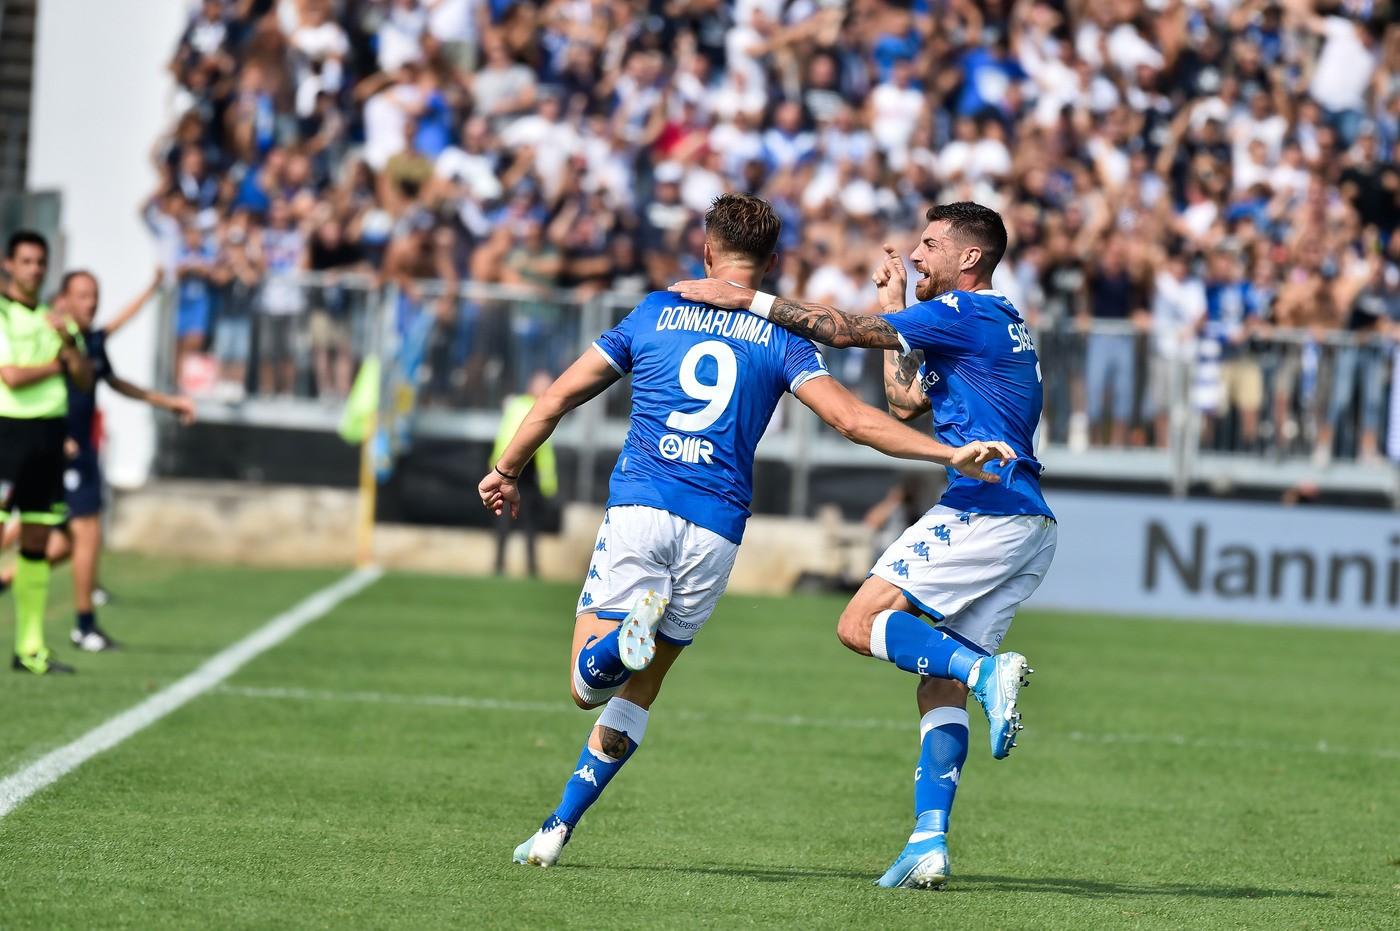 Gianluca Checchi/LaPresse